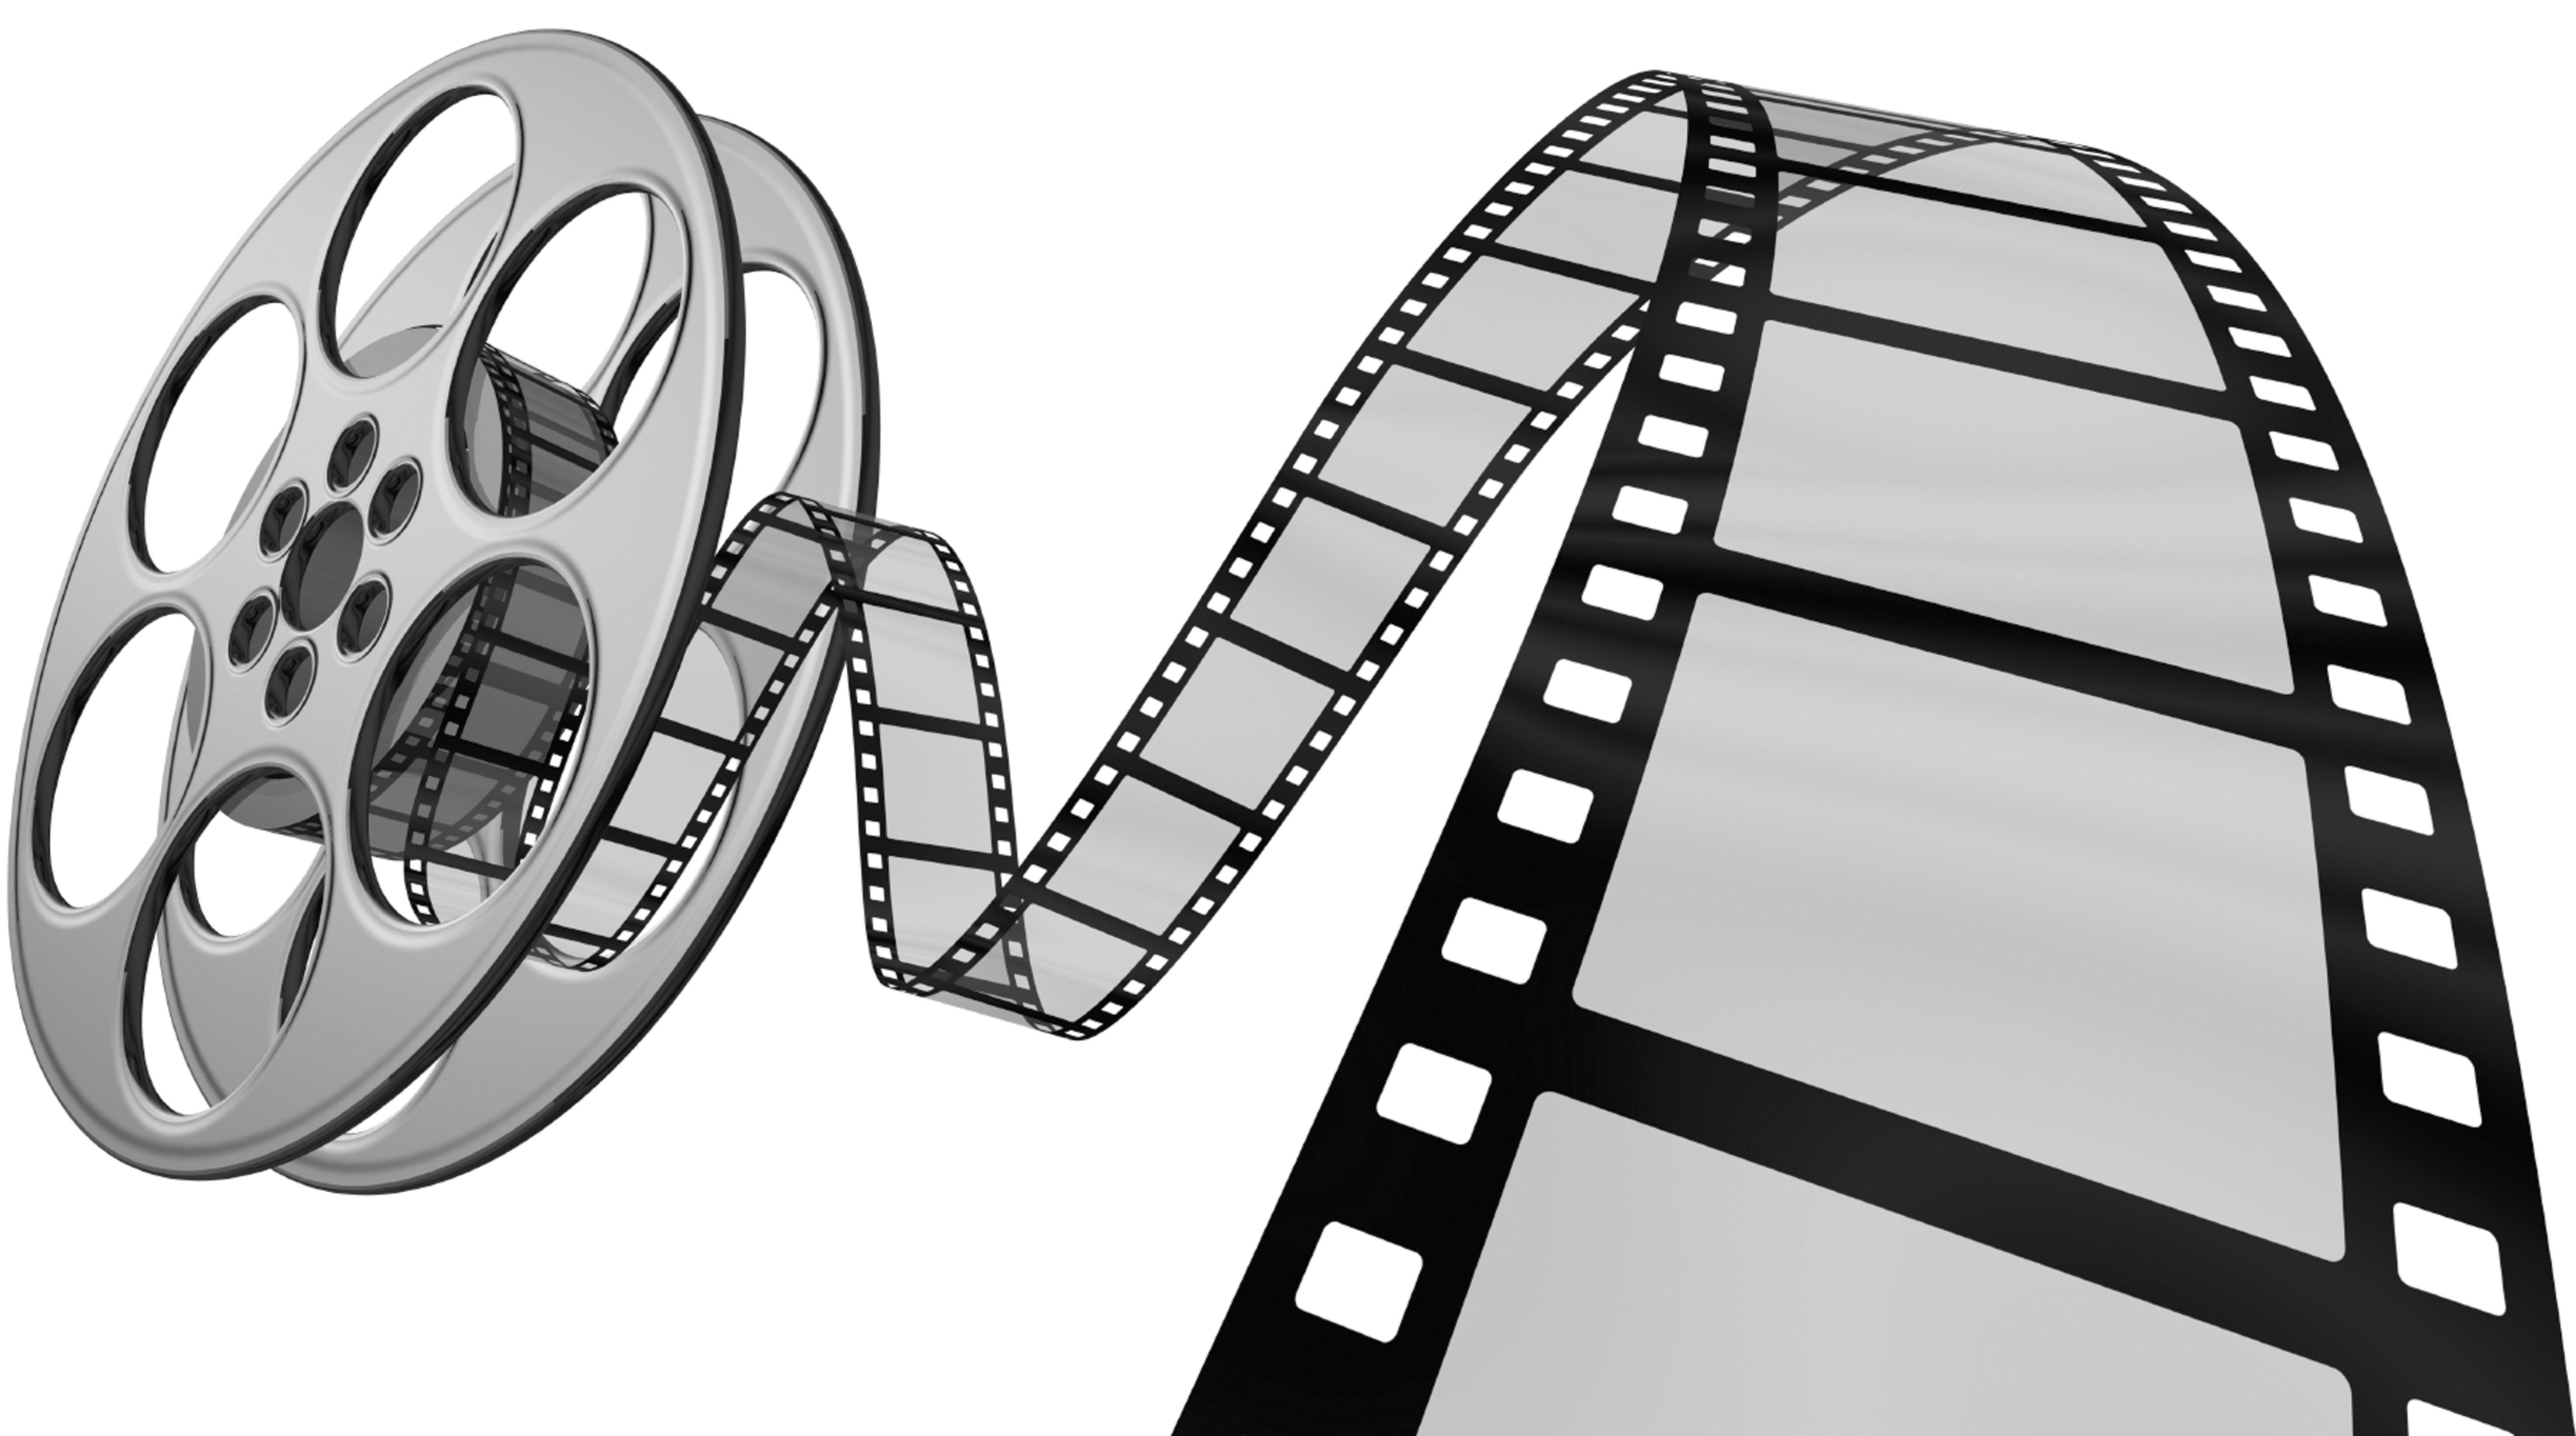 кинематограф создавался движущие картинки было, извиняемся неудобство